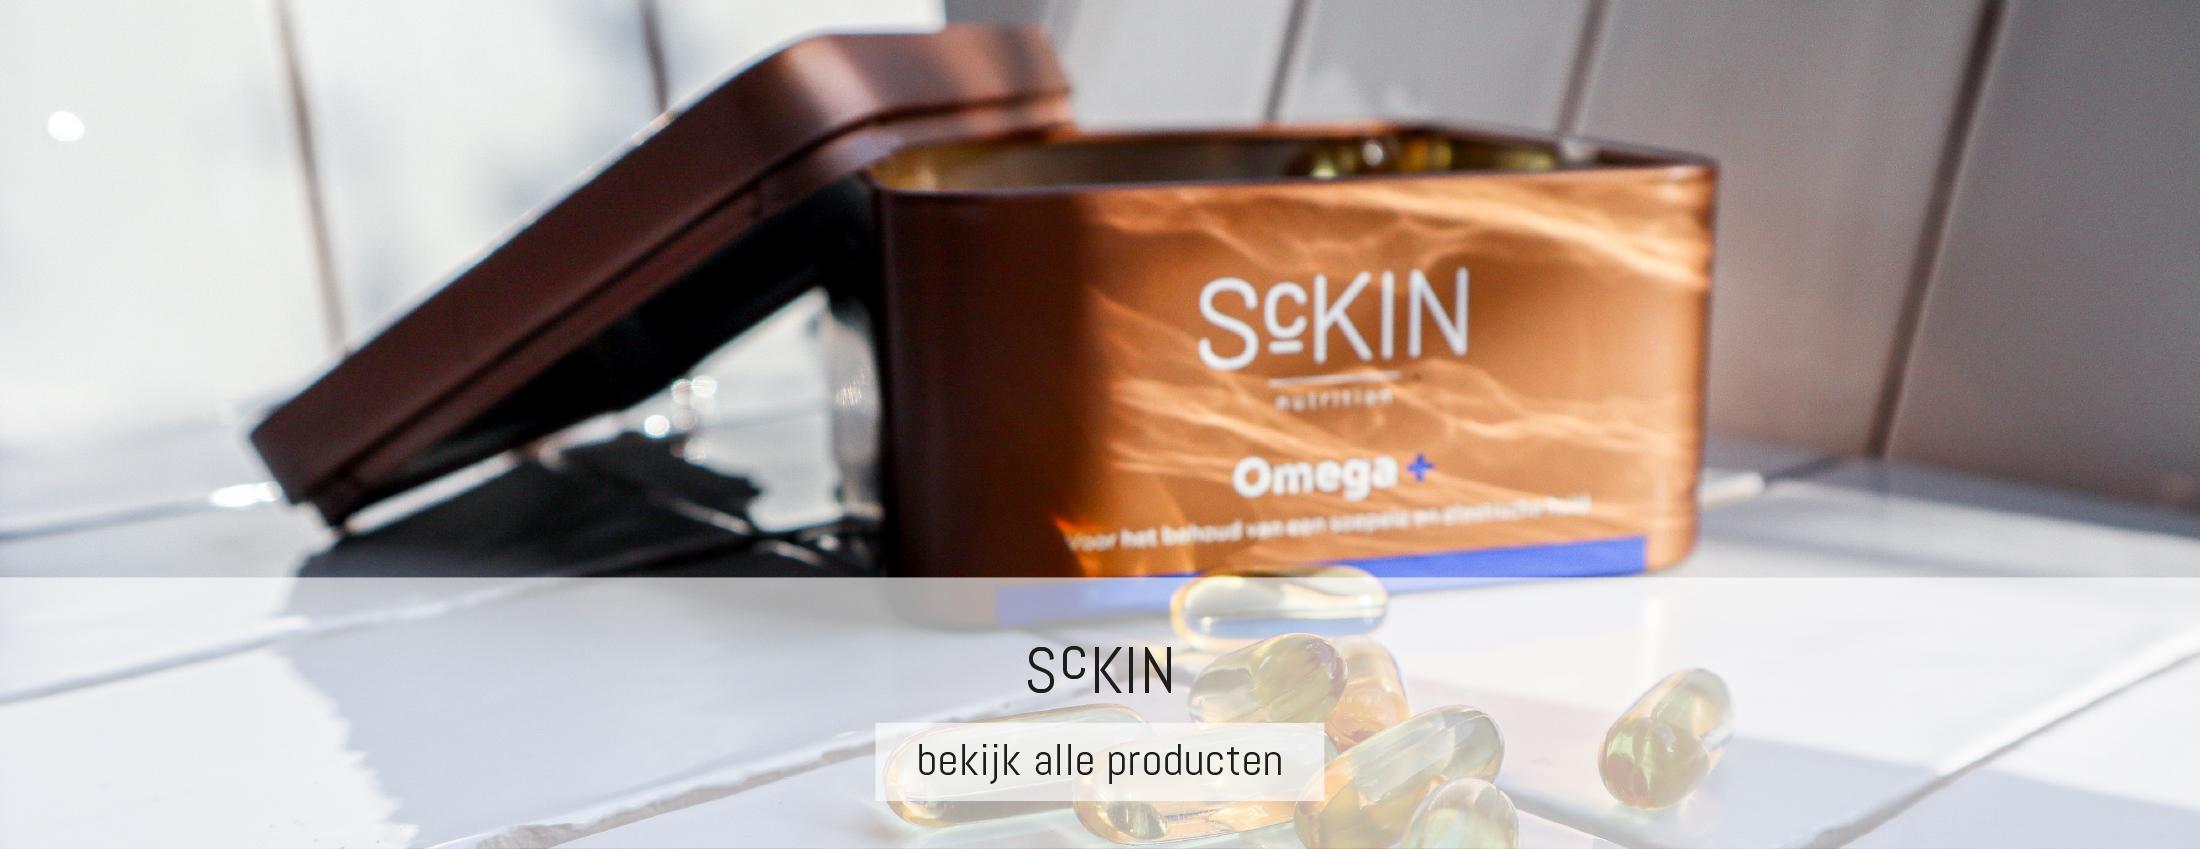 ScKIN producten